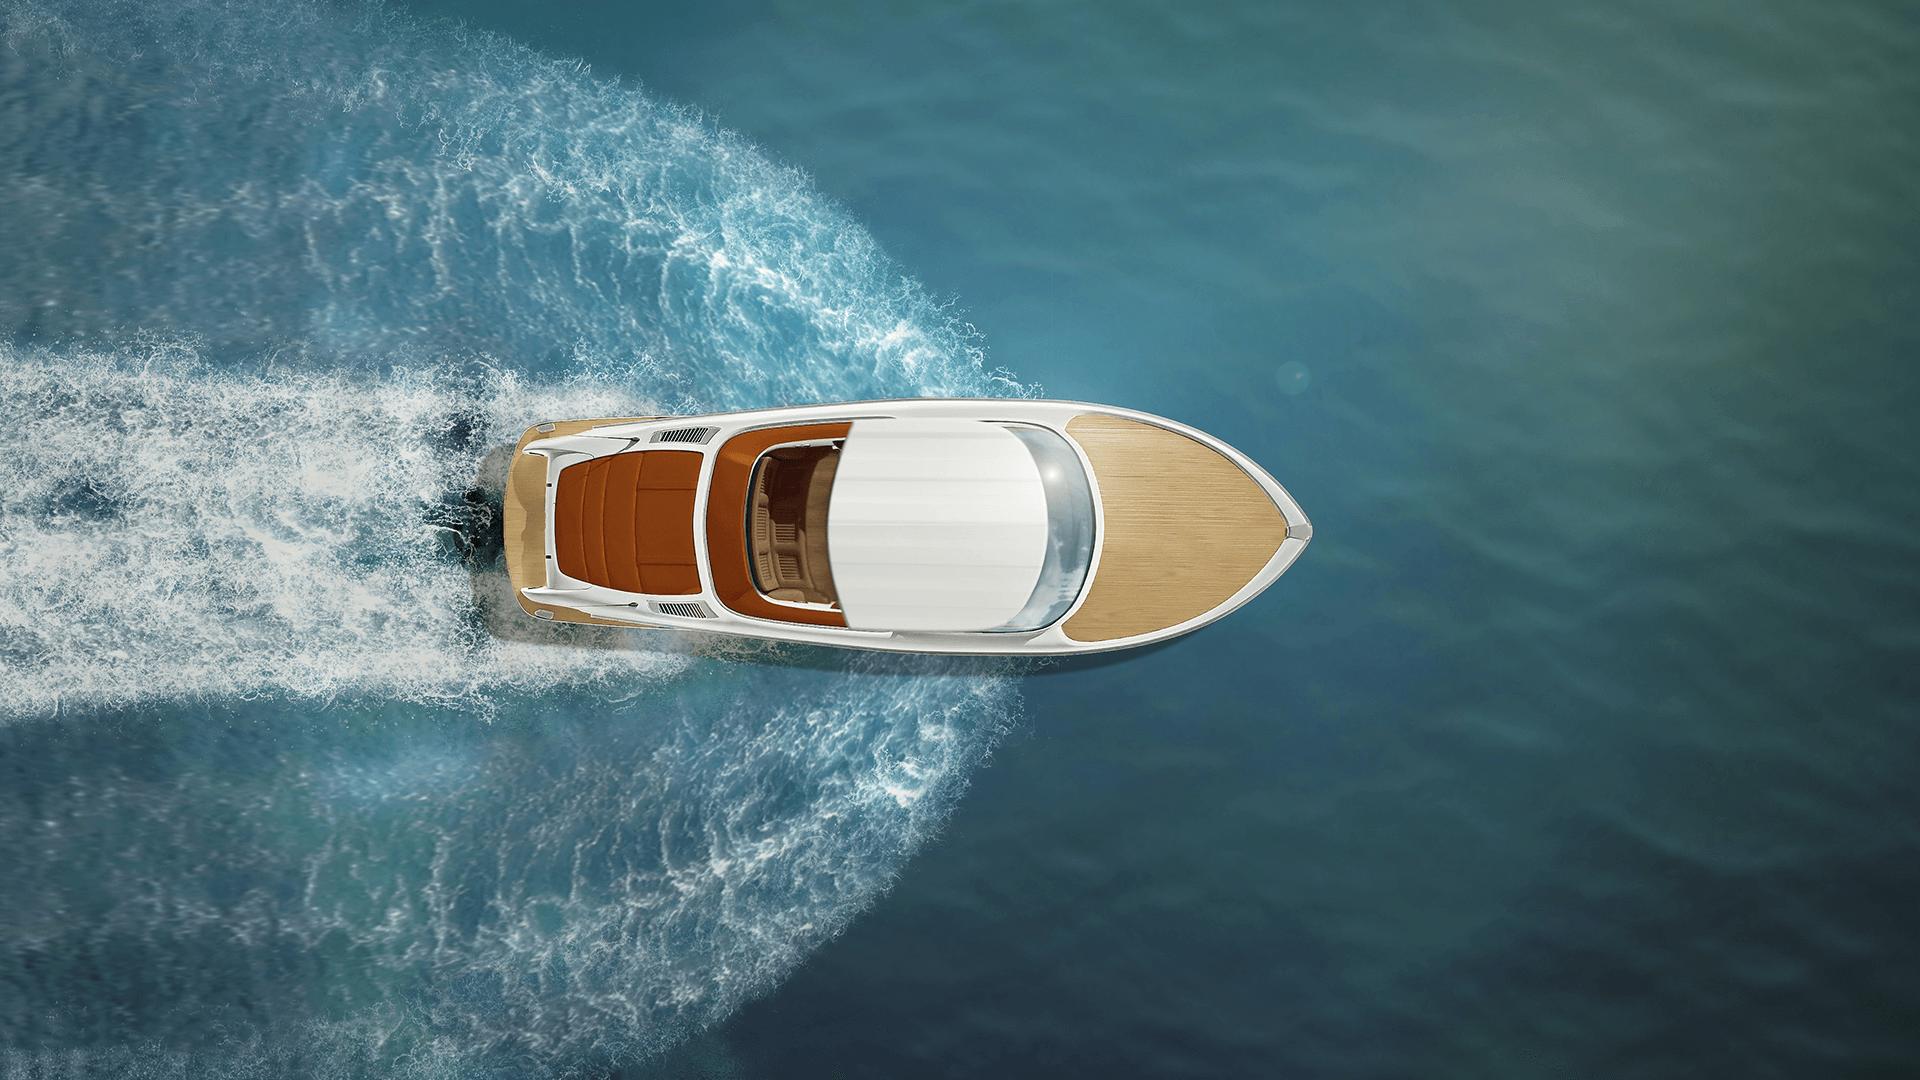 Sardegna Luxury: متخصص در اجاره قایق و خدمات دربان در ساردینیا